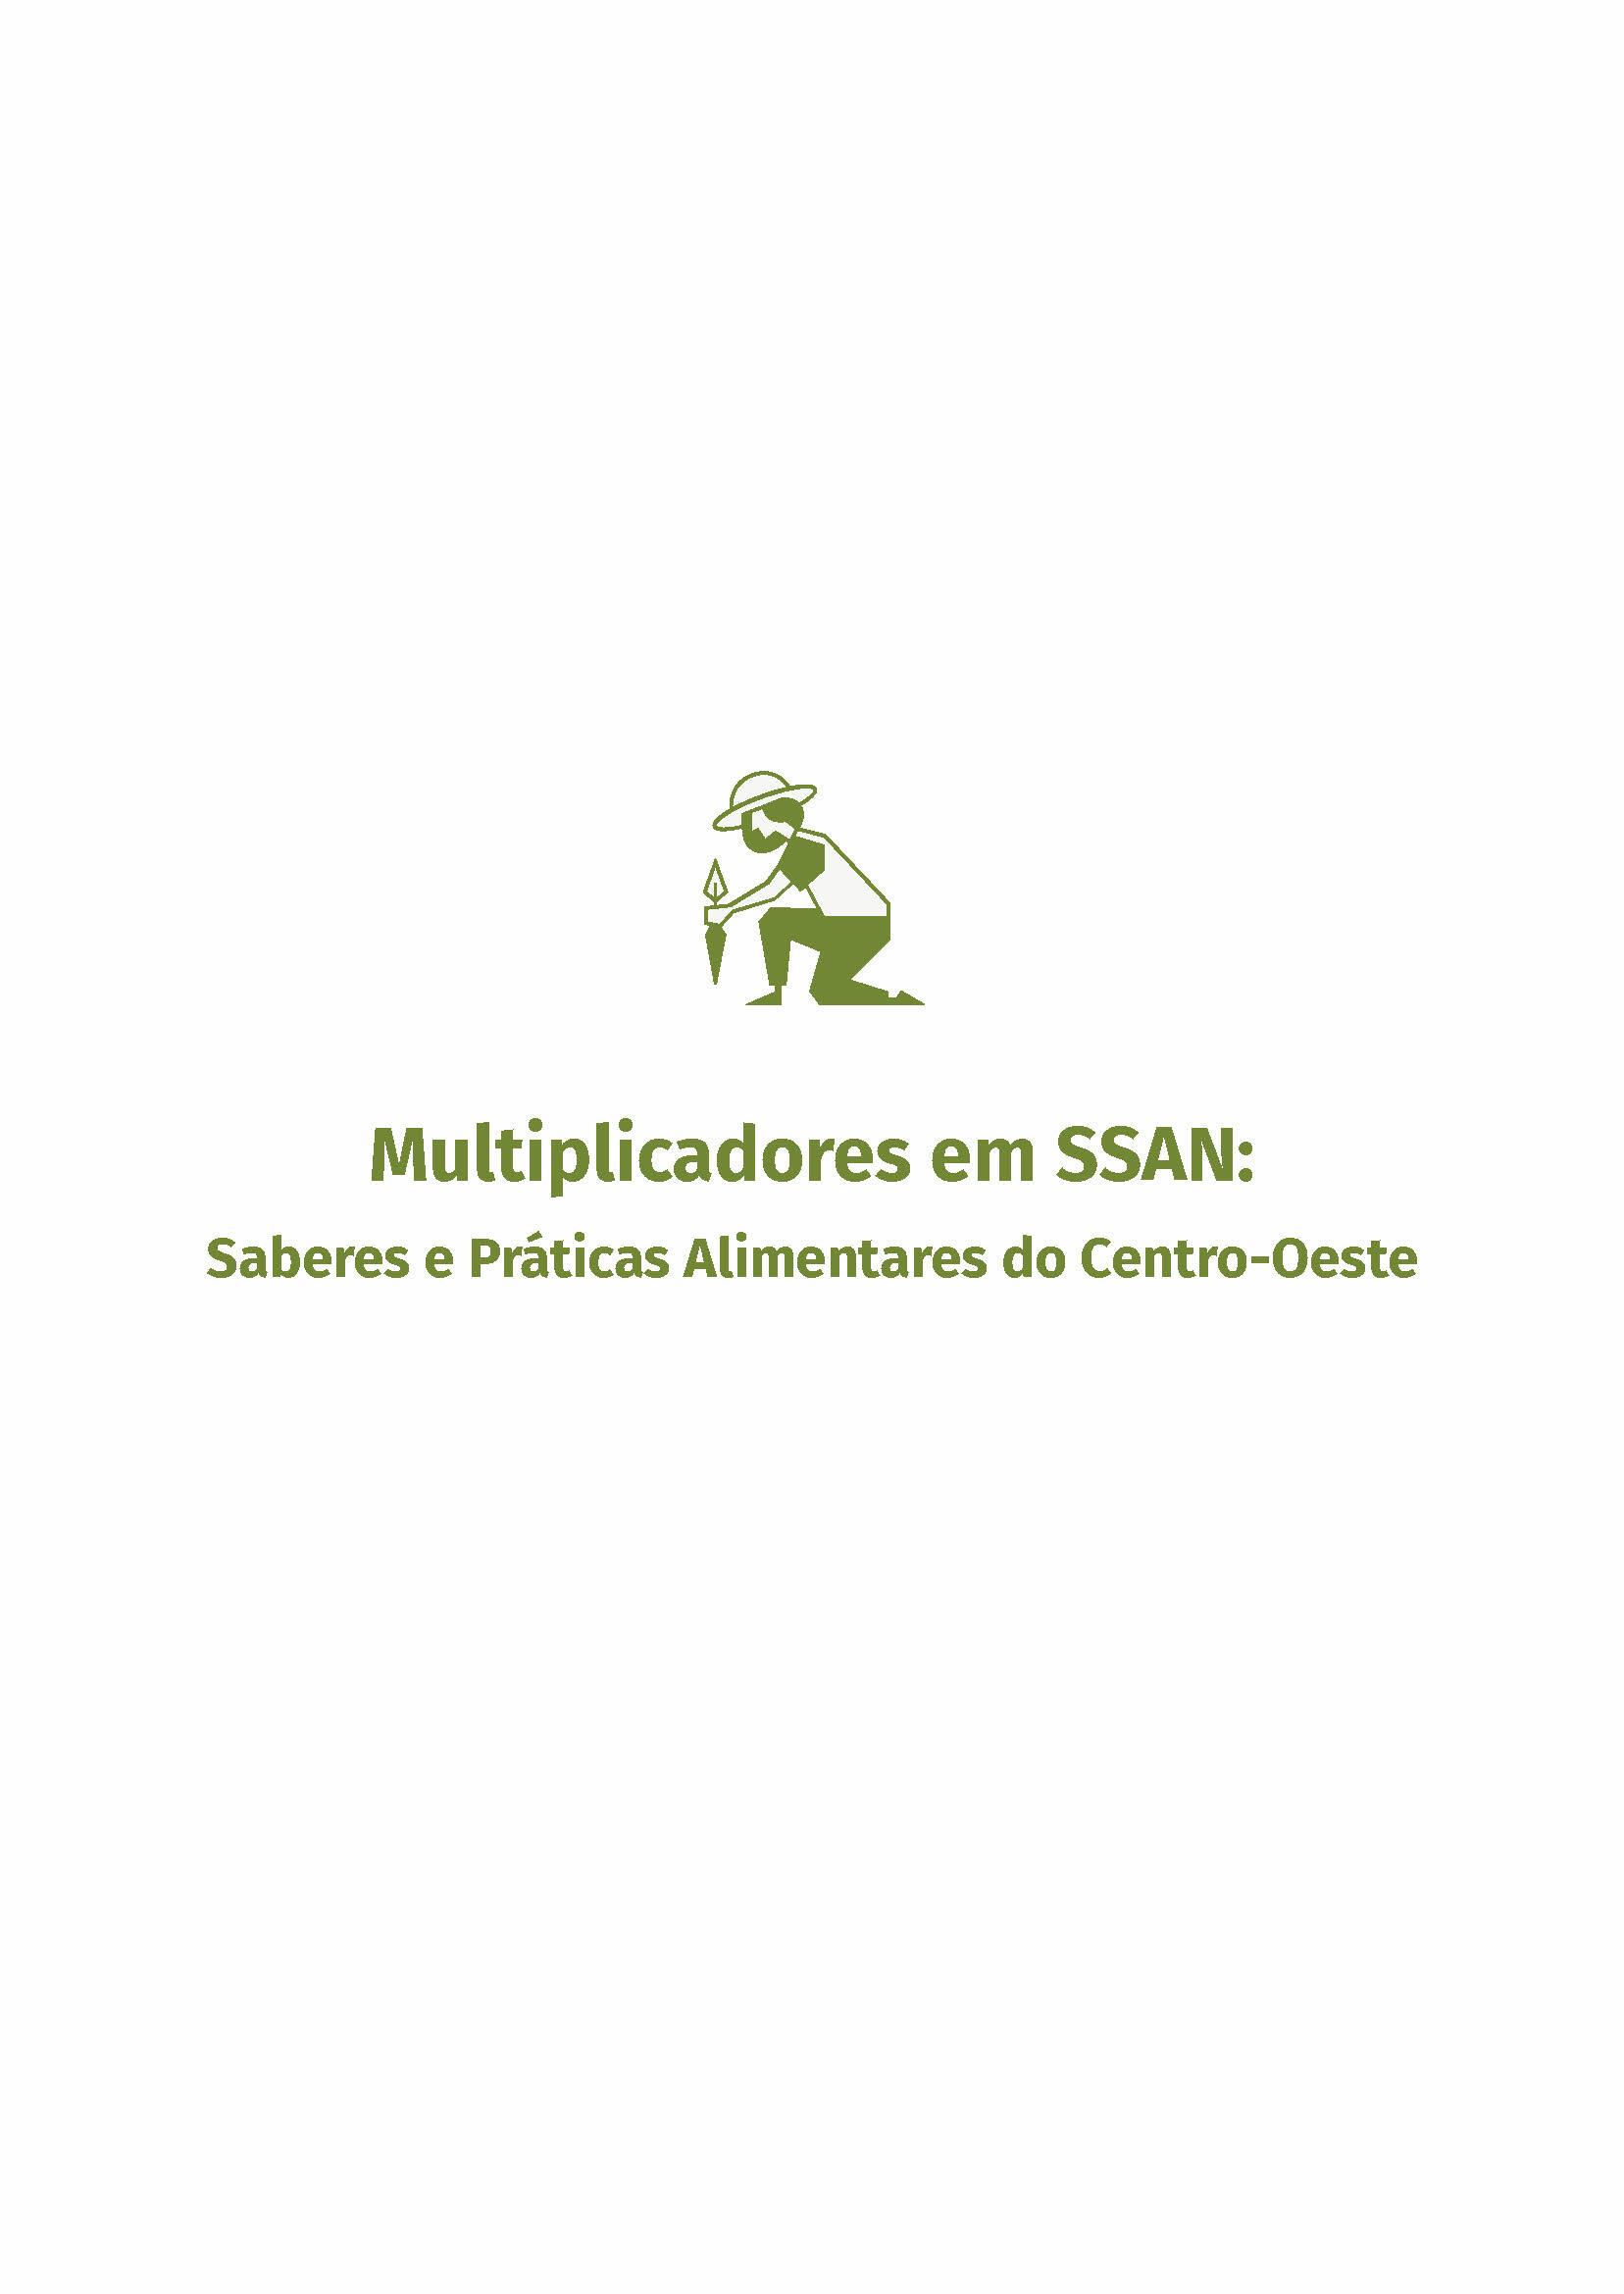 Multiplicadores em SSAN:Saberes e Práticas Alimentares do Centro-Oeste